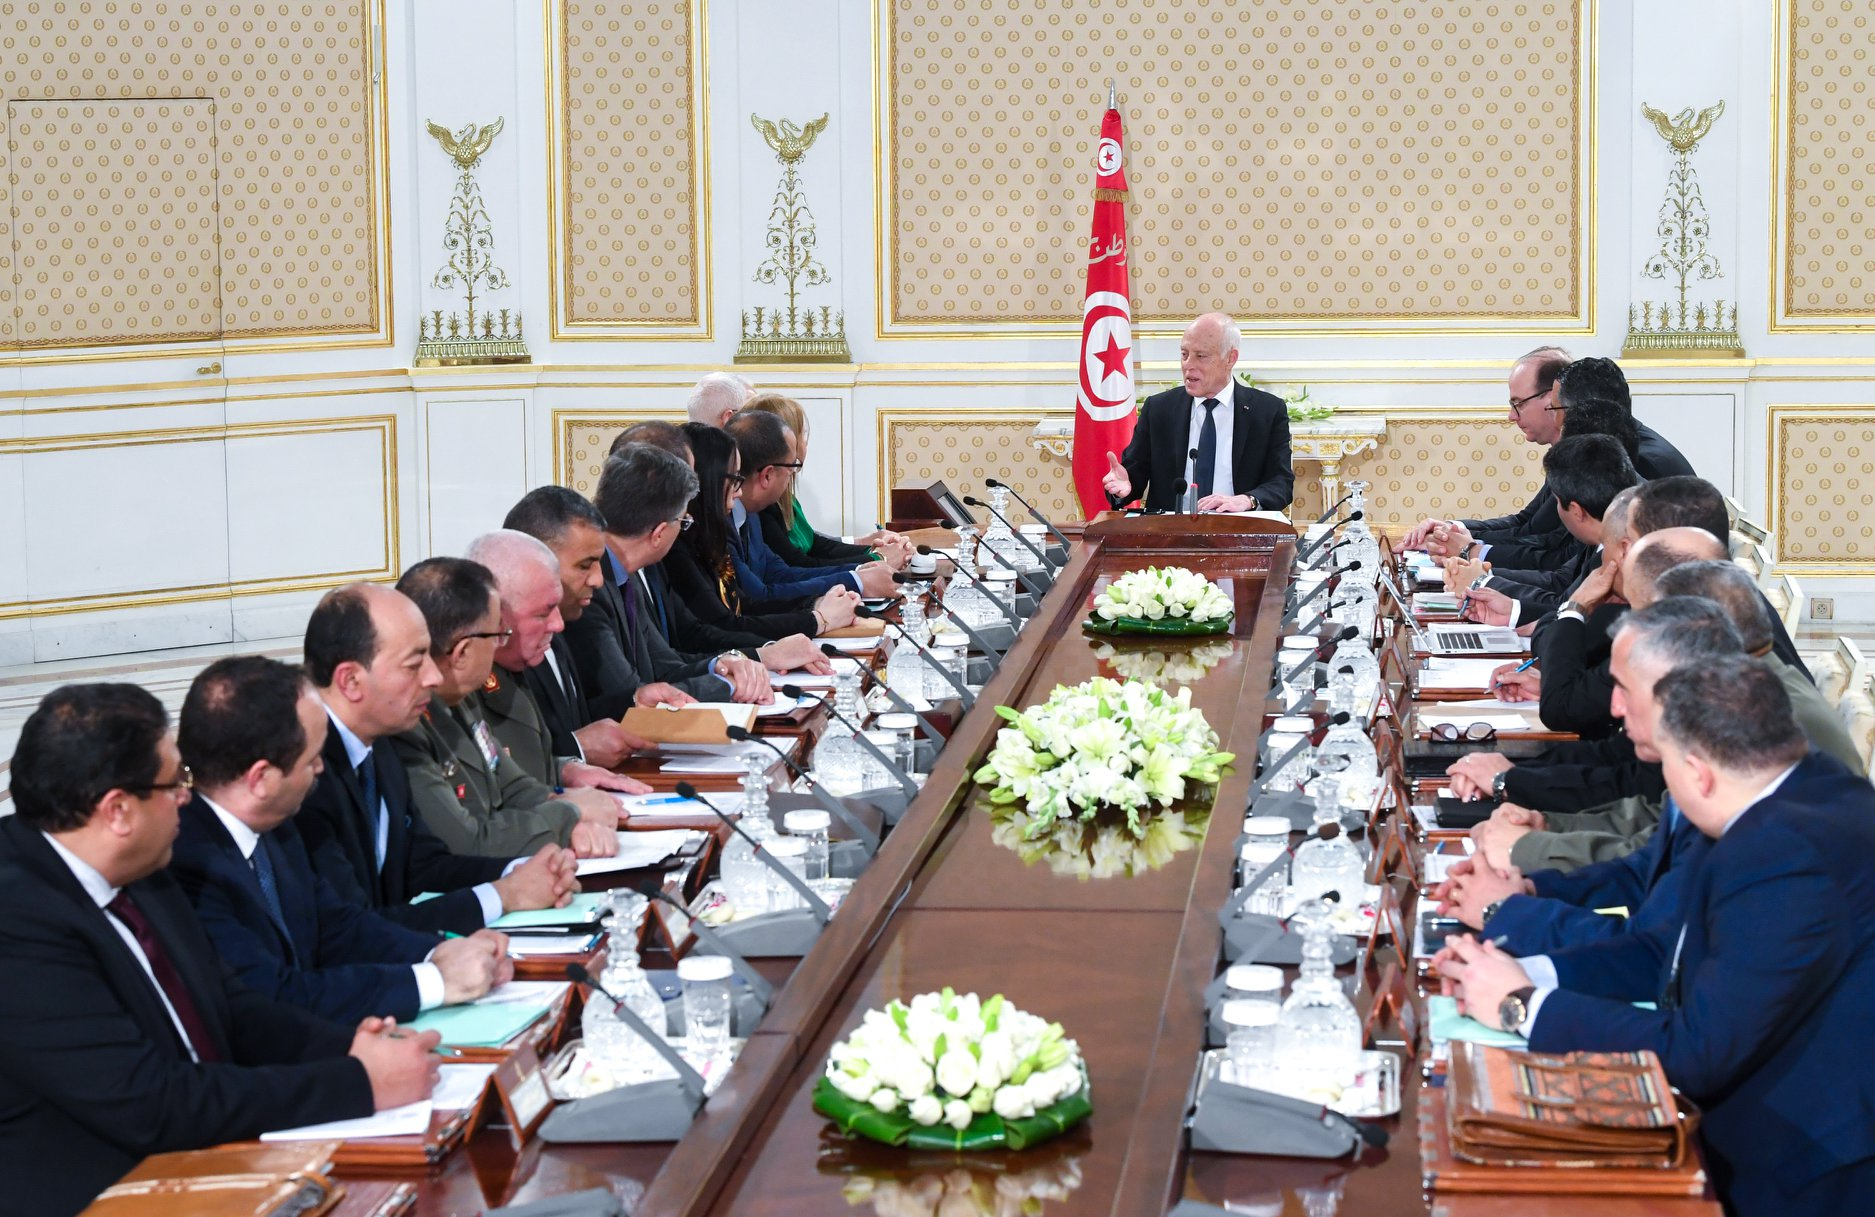 سعيّد: الوضع يستوجب الرفع من حالة التوقّي حرصا على سلامة التونسيين